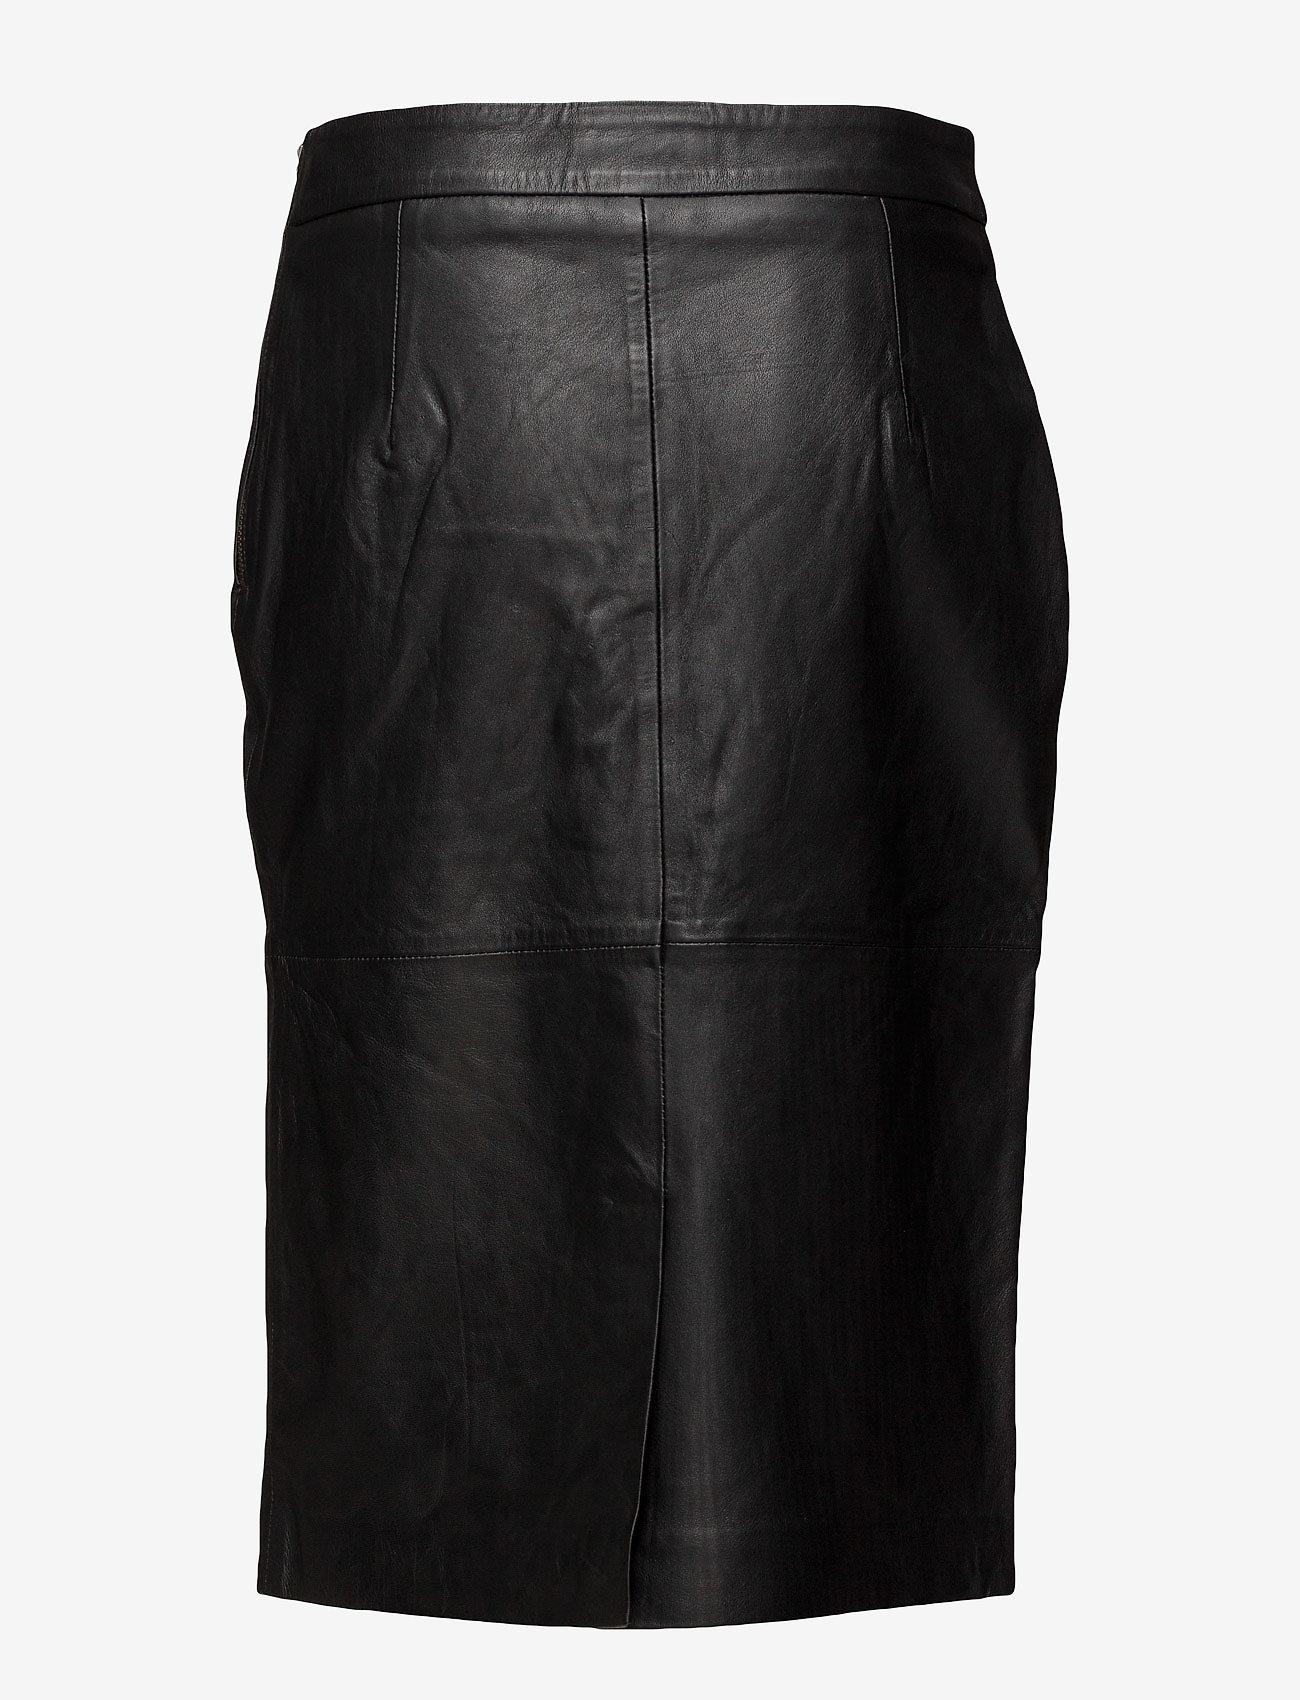 Skirt (Black) (1911.65 kr) - DEPECHE